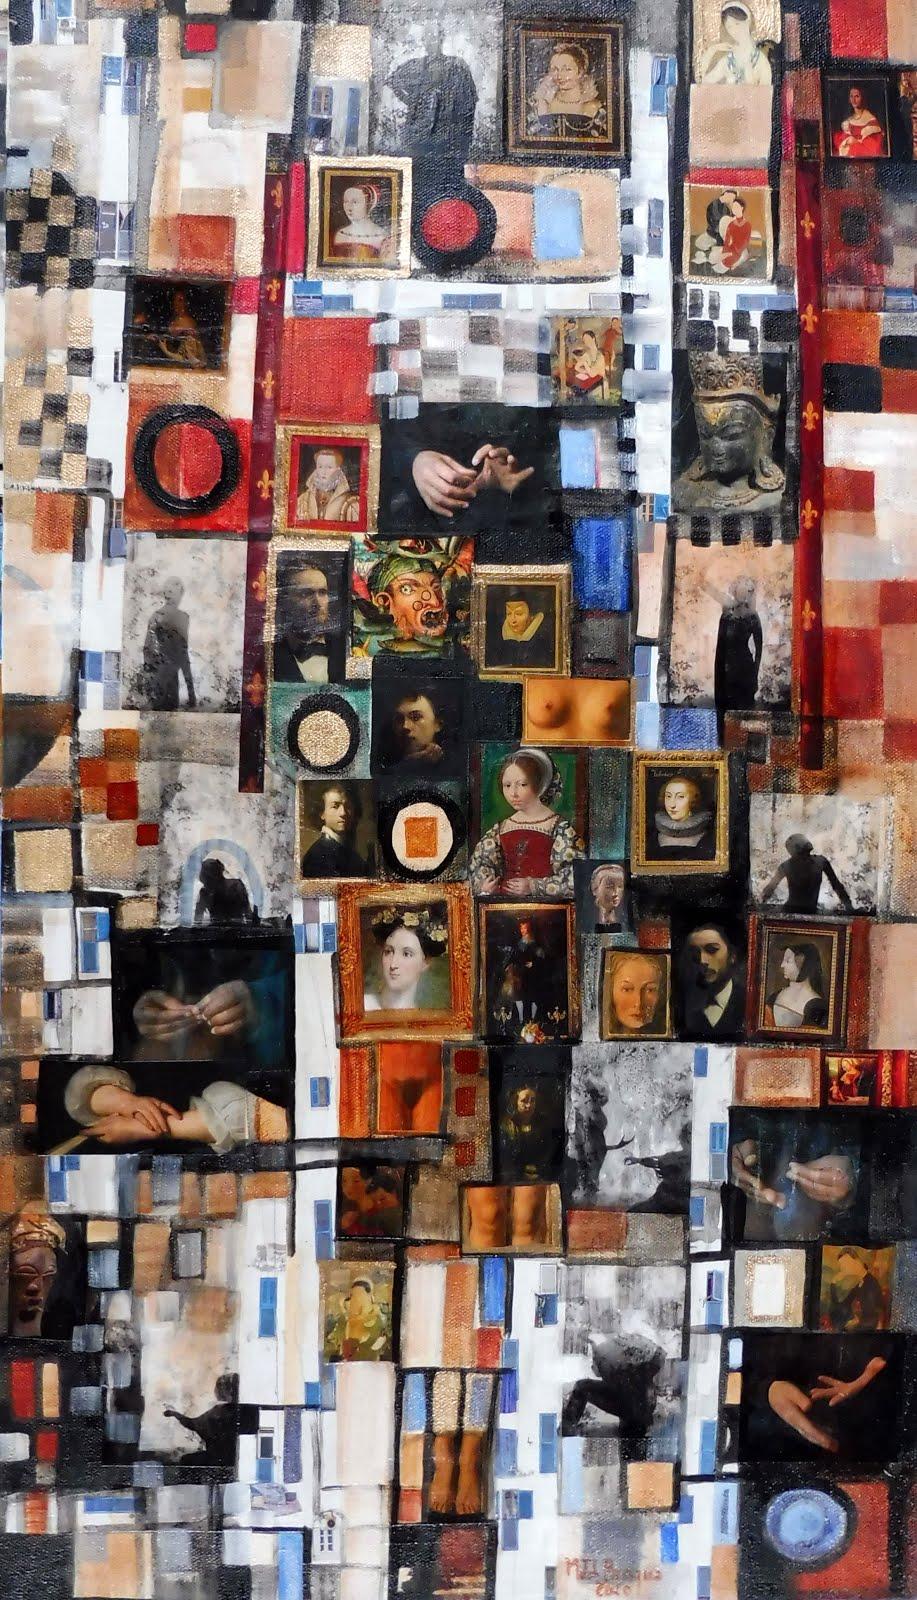 Galerie de portraits - 40 x 70 cm - 2020